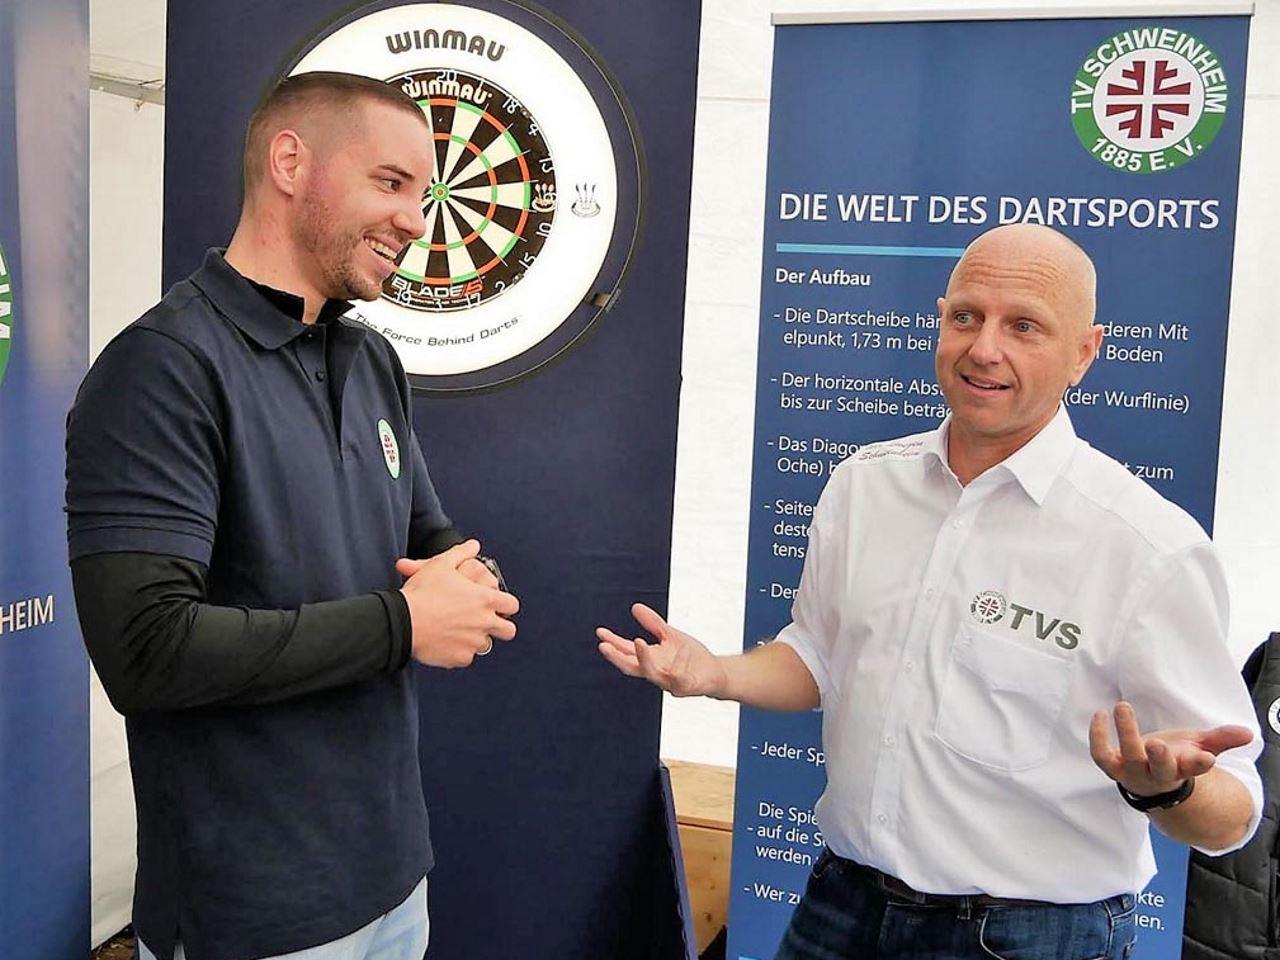 TV Schweinheim - Interview mit Christoph Wolf (Abteilungsleiter Dart)